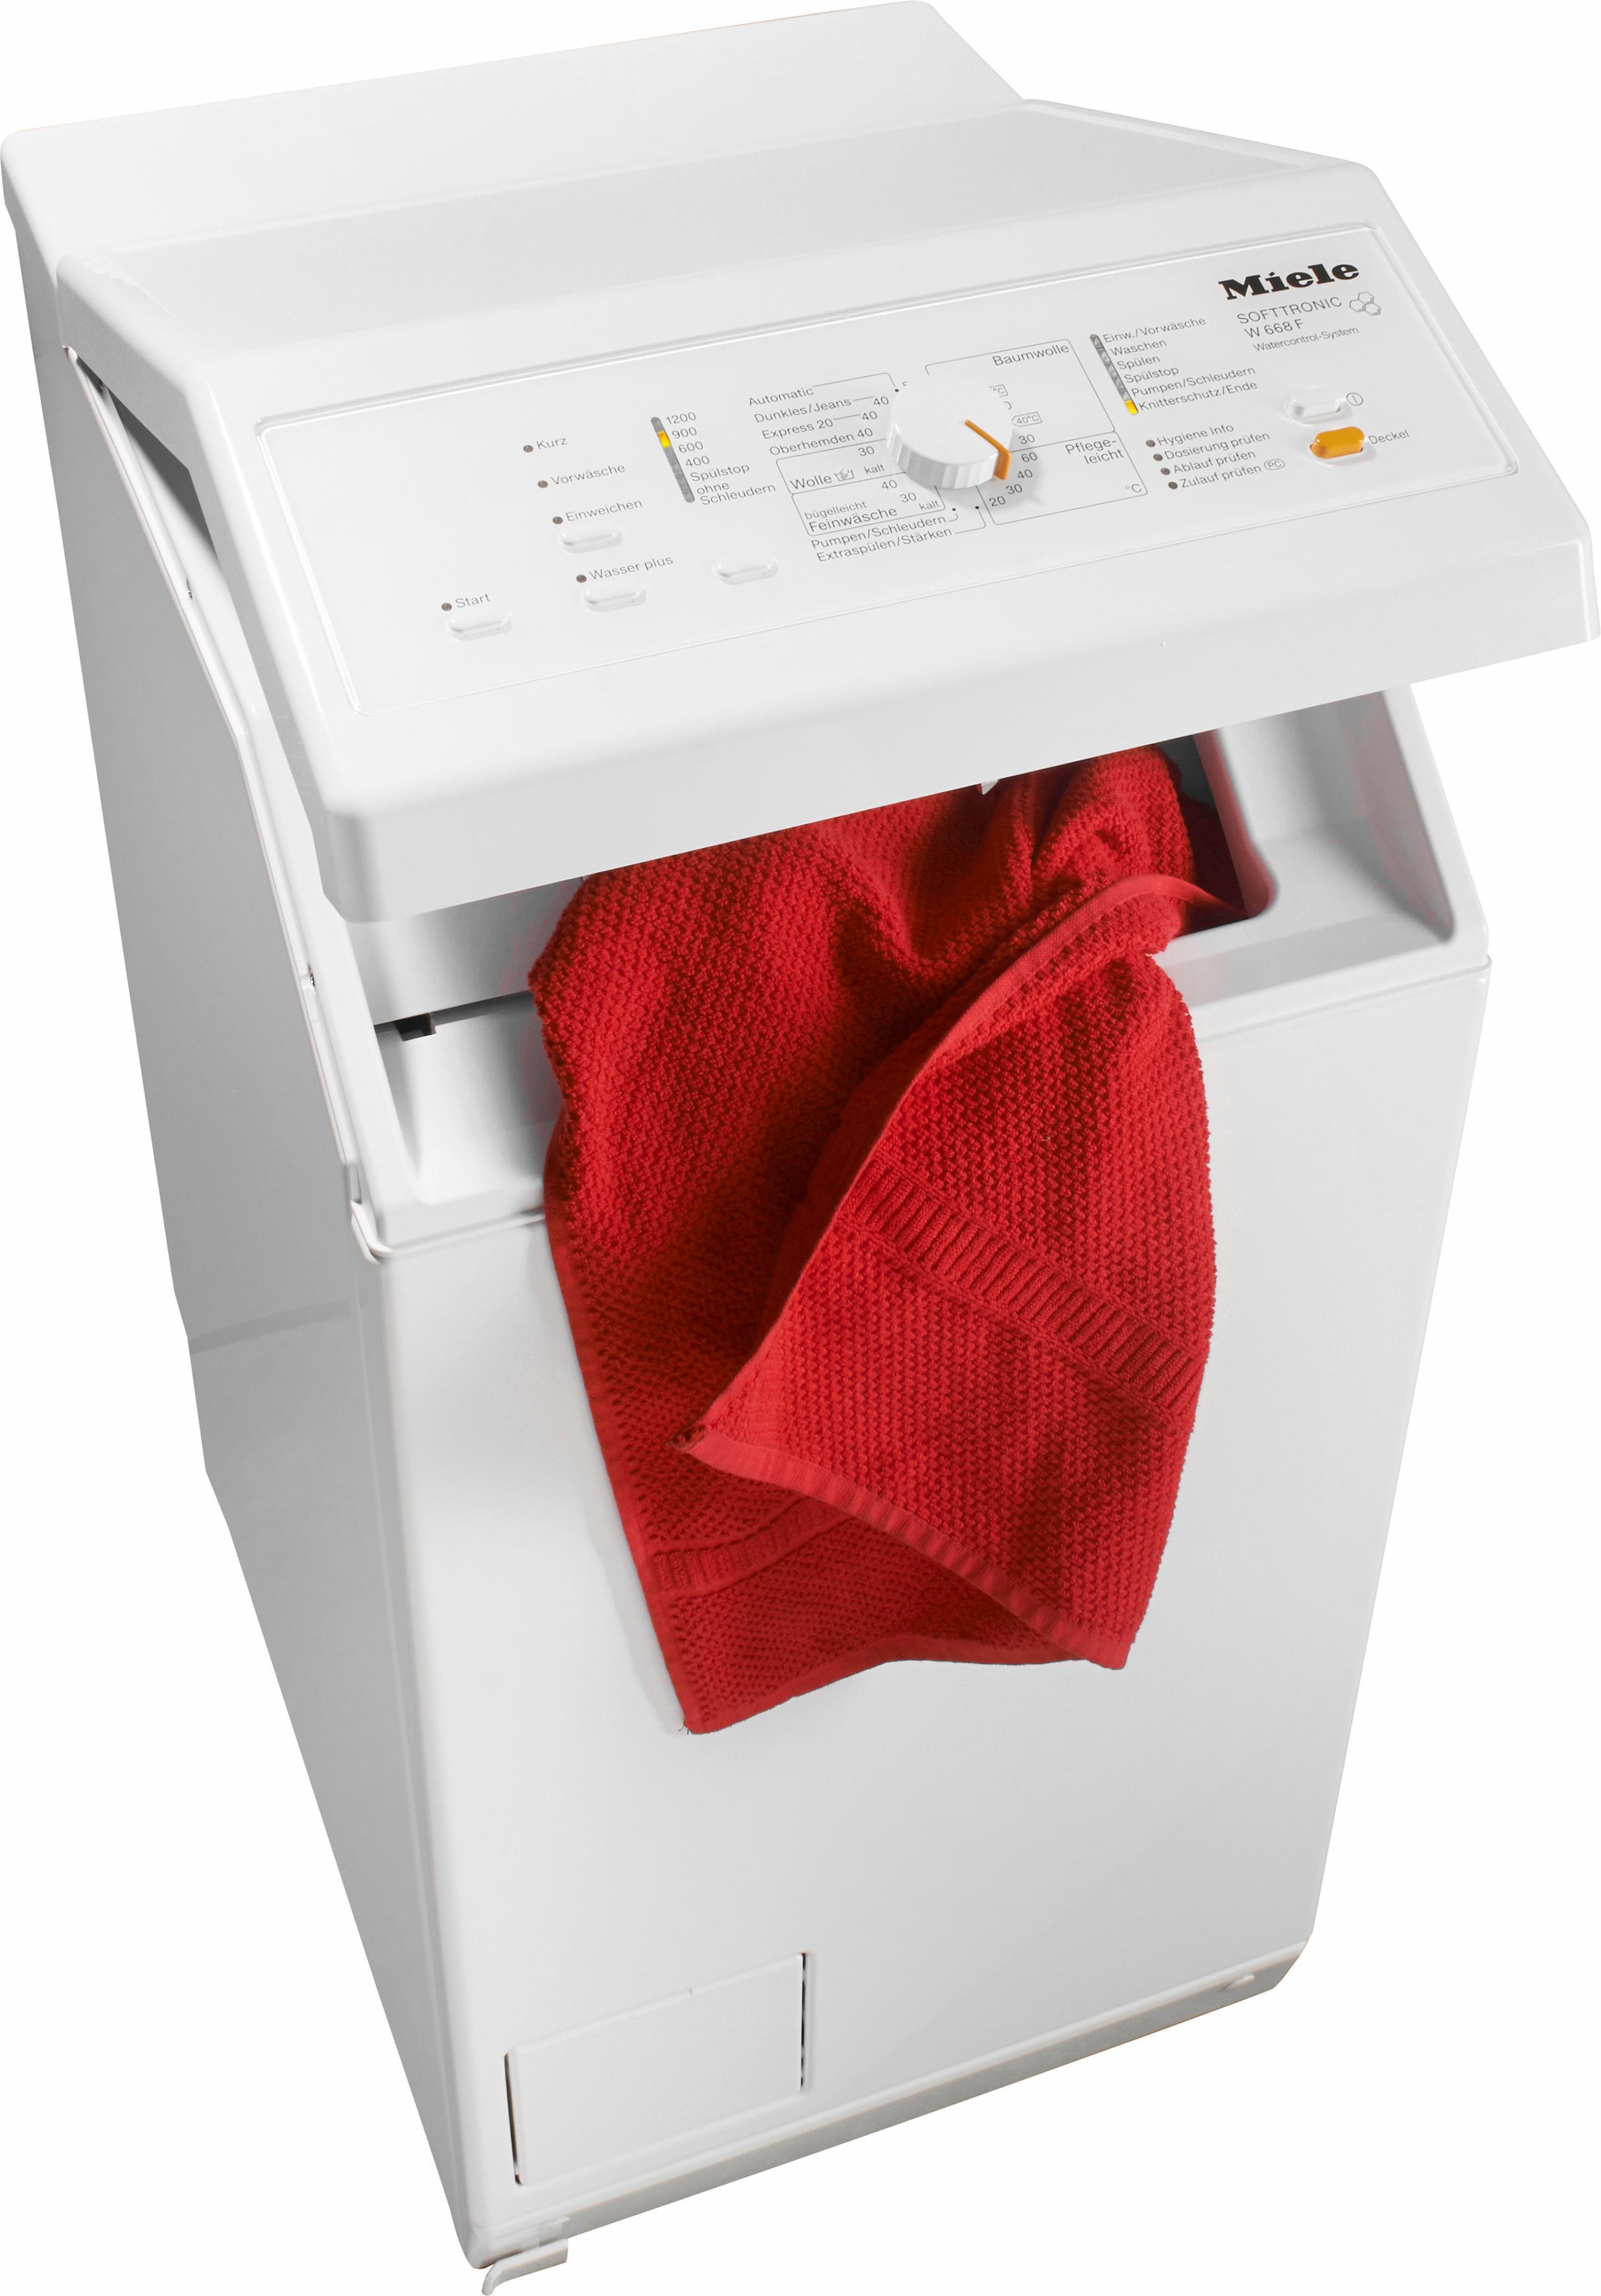 Miele Waschmaschine Toplader W 668 F WCS | Bad > Waschmaschinen und Trockner > Toplader | Weiß | Miele